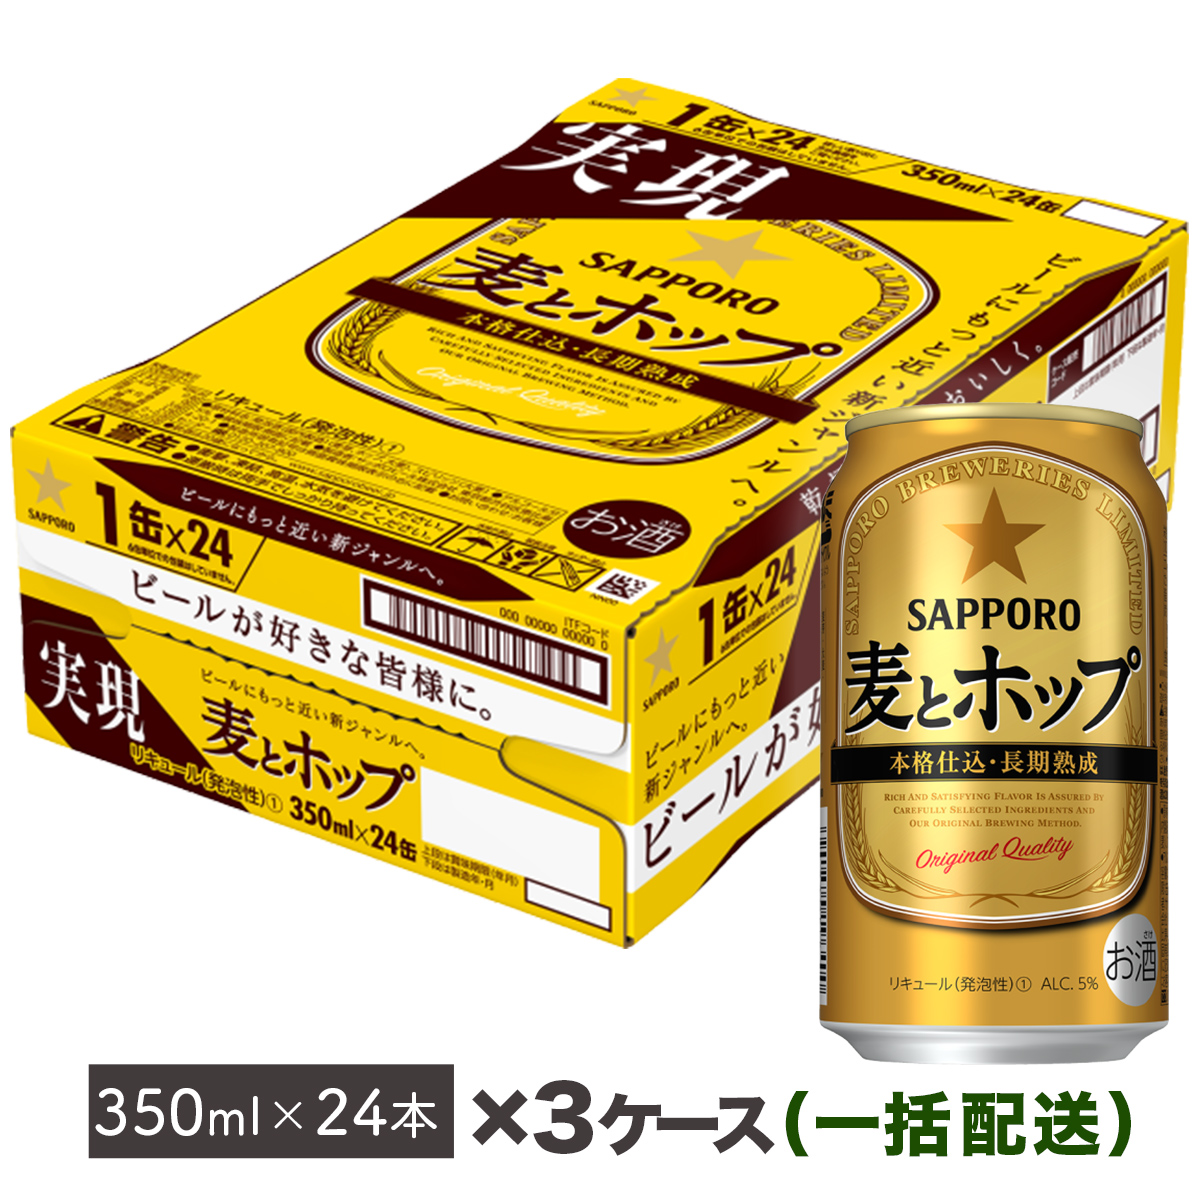 【ふるさと納税】地元名取生産 麦とホップ 350ml 24本 3箱お届け(同時お届け)